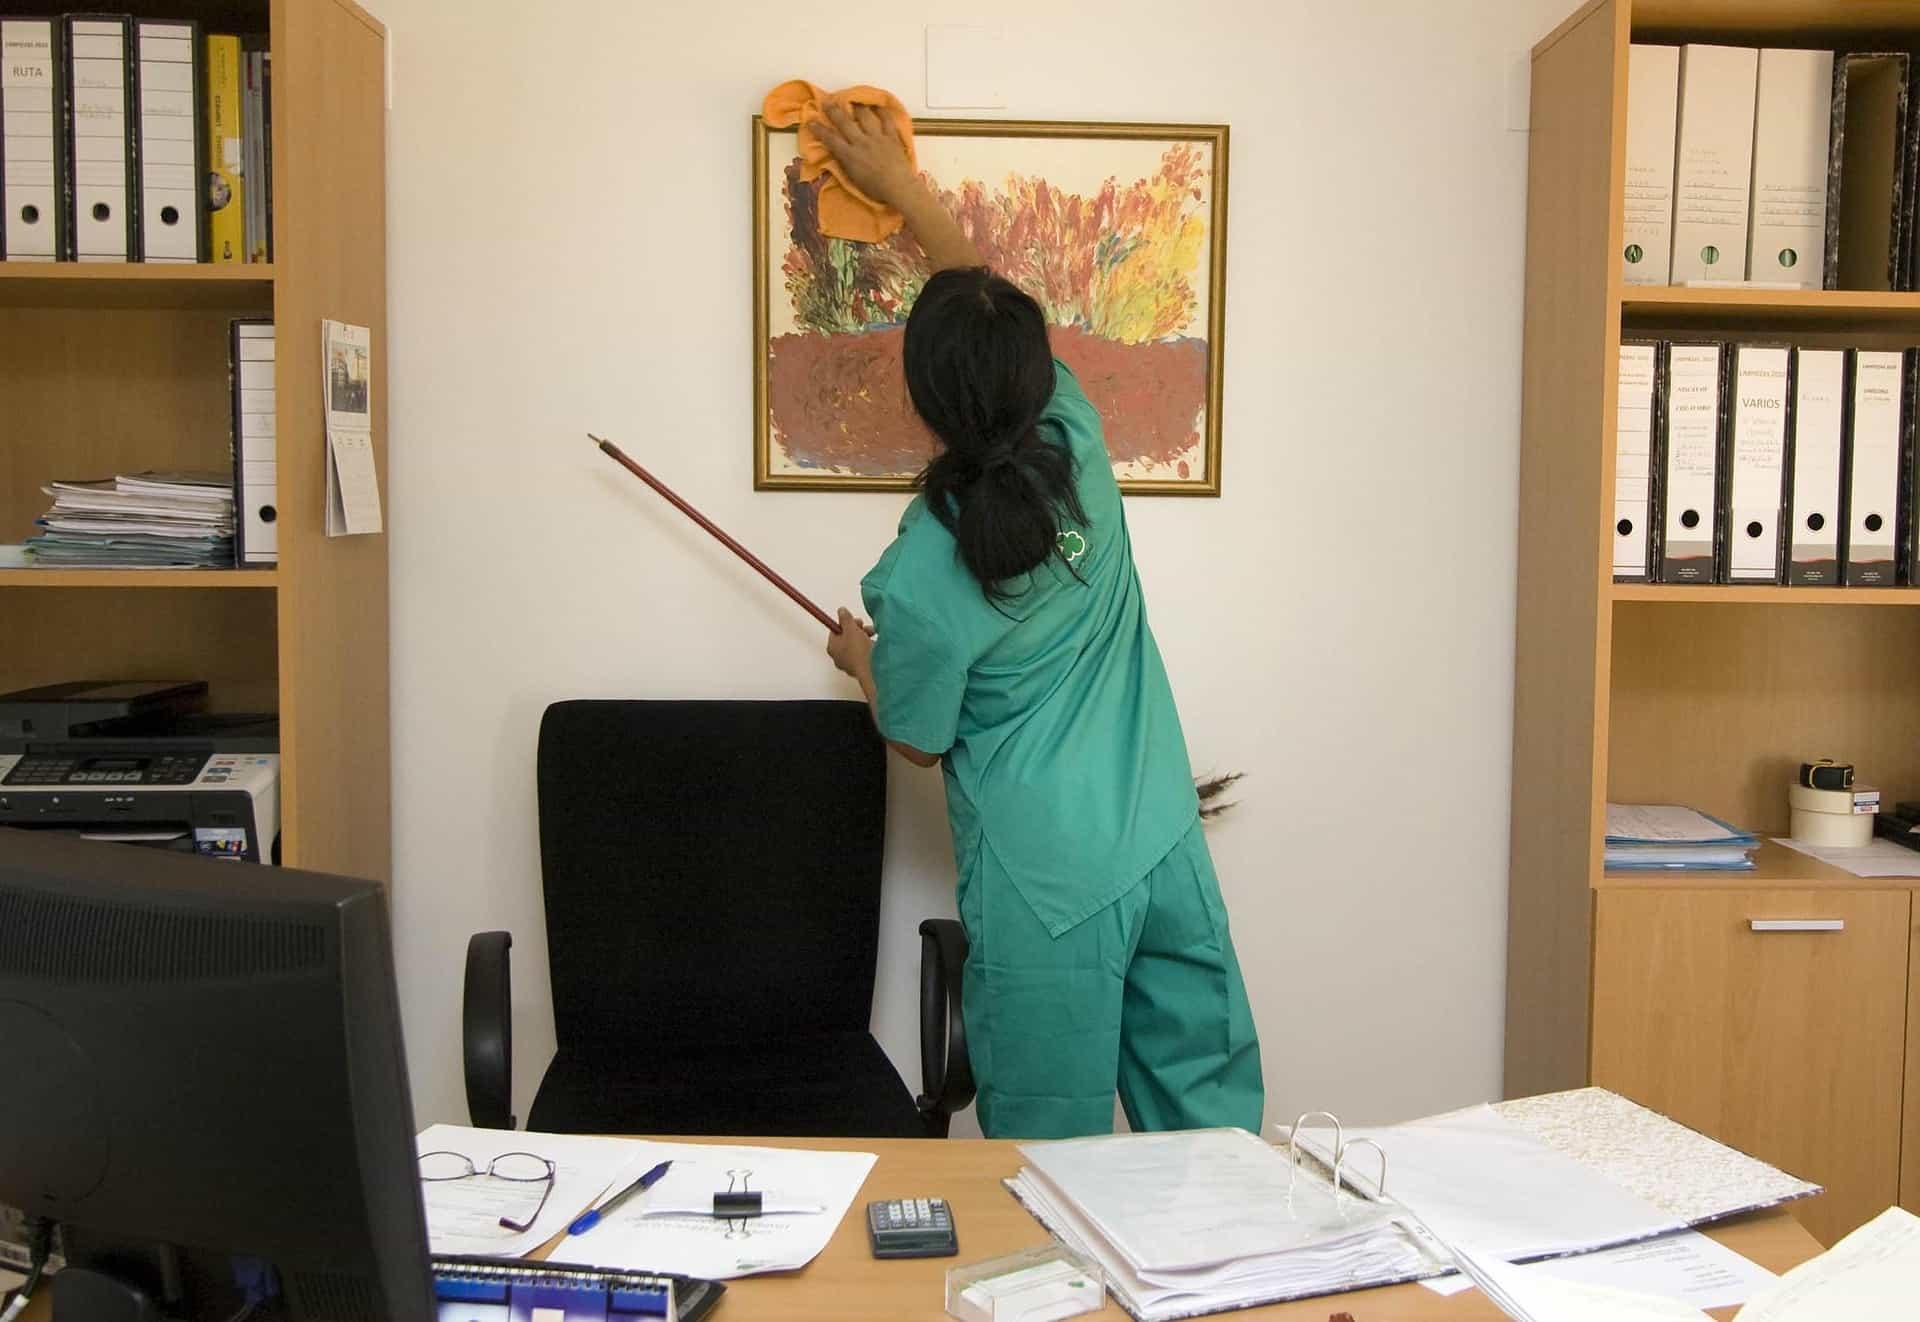 femme de menage nettoyage bureau